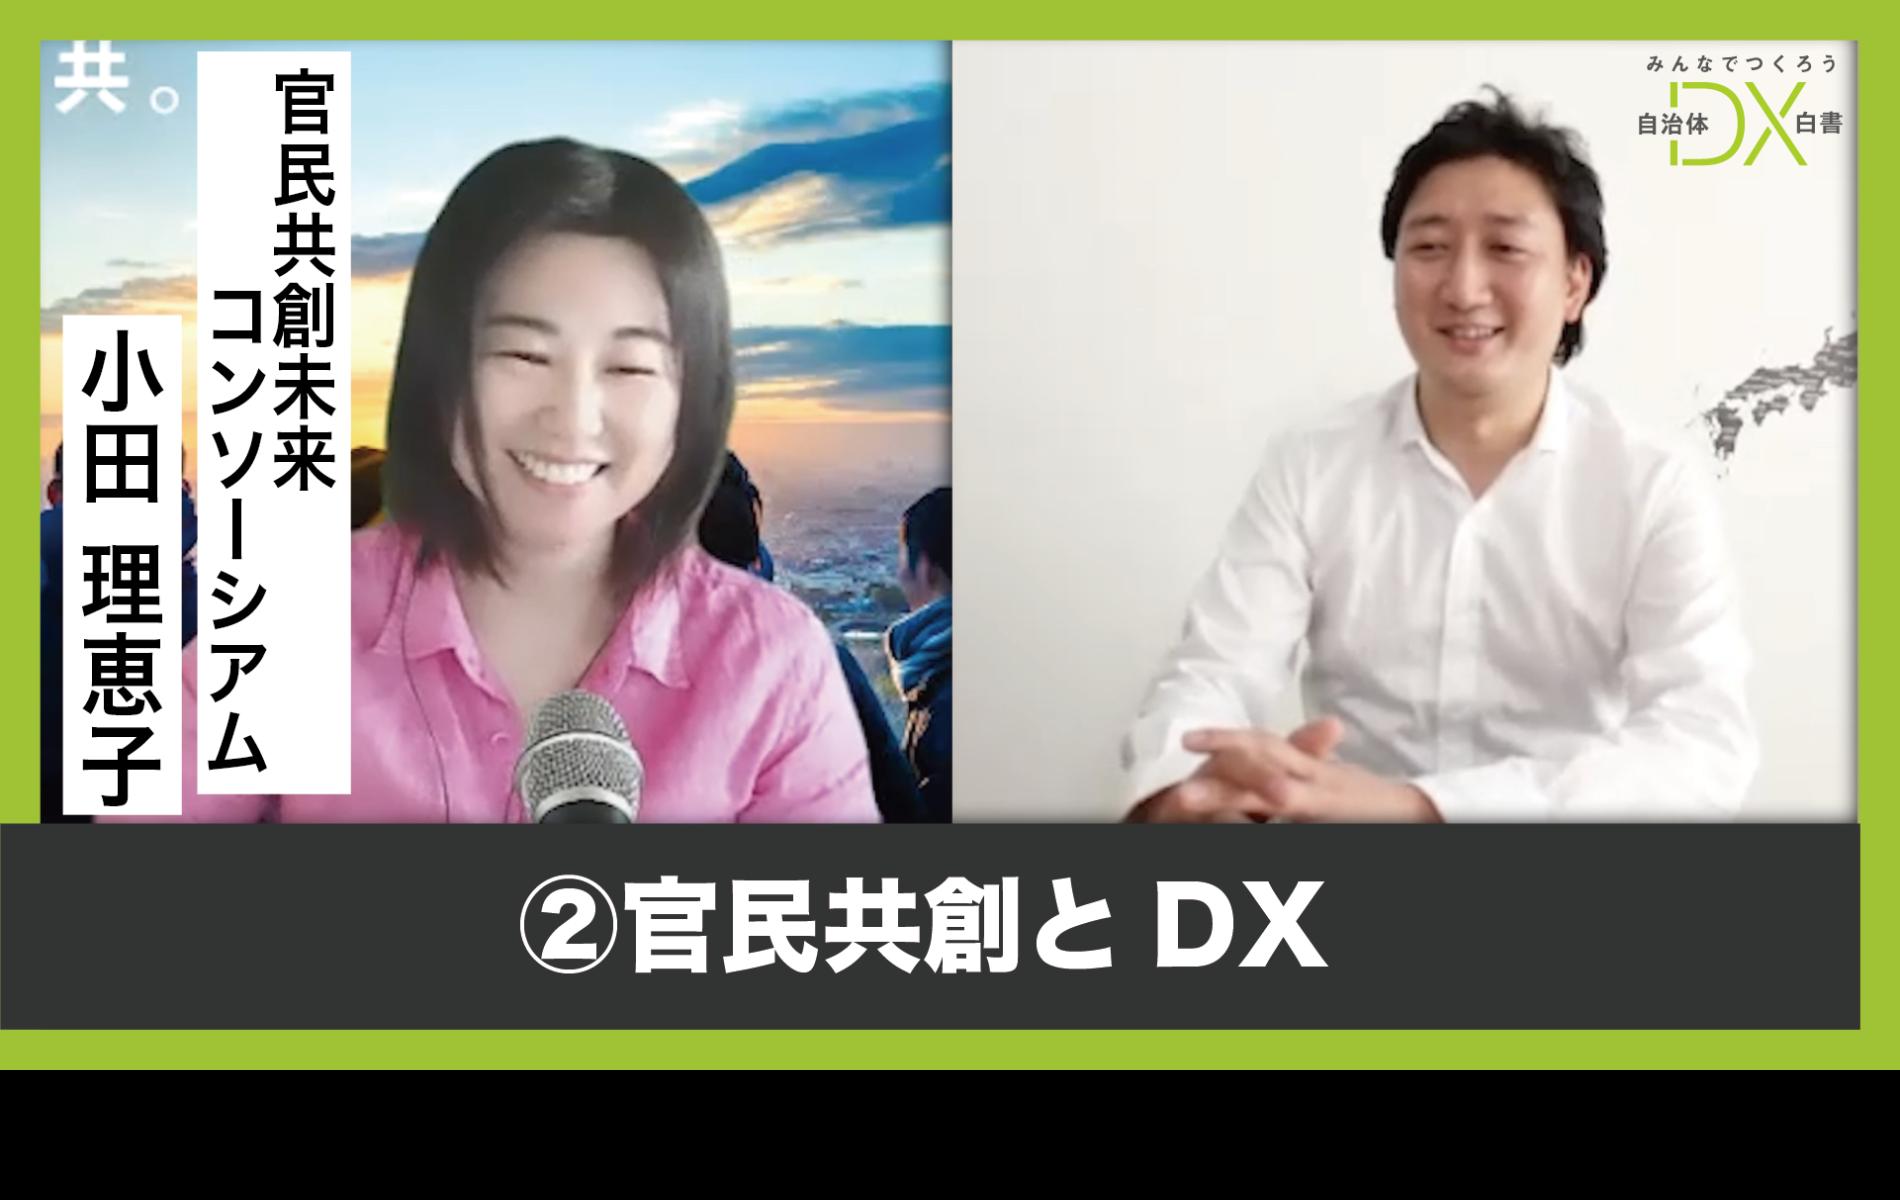 官民共創とDX